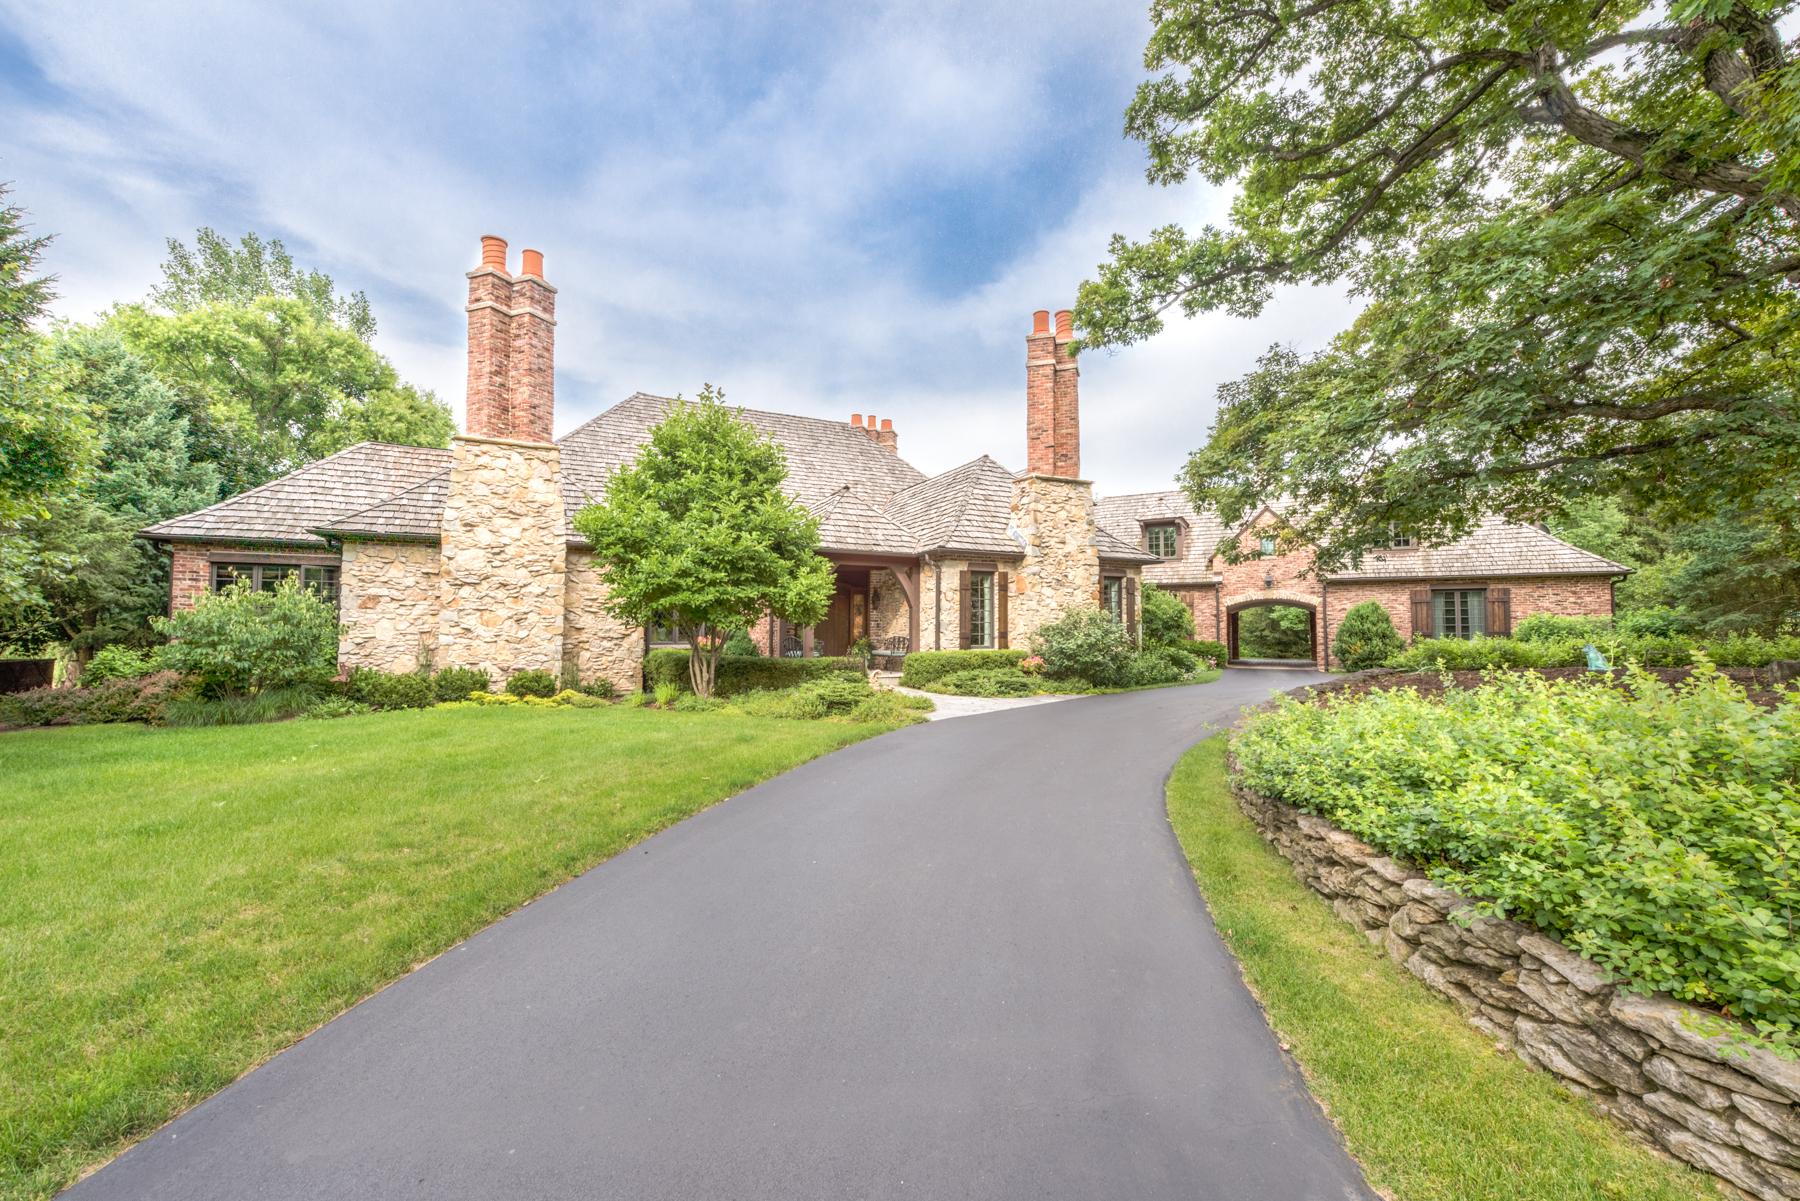 Maison unifamiliale pour l Vente à 12 Kensington Drive North Barrington, Illinois 60010 États-Unis